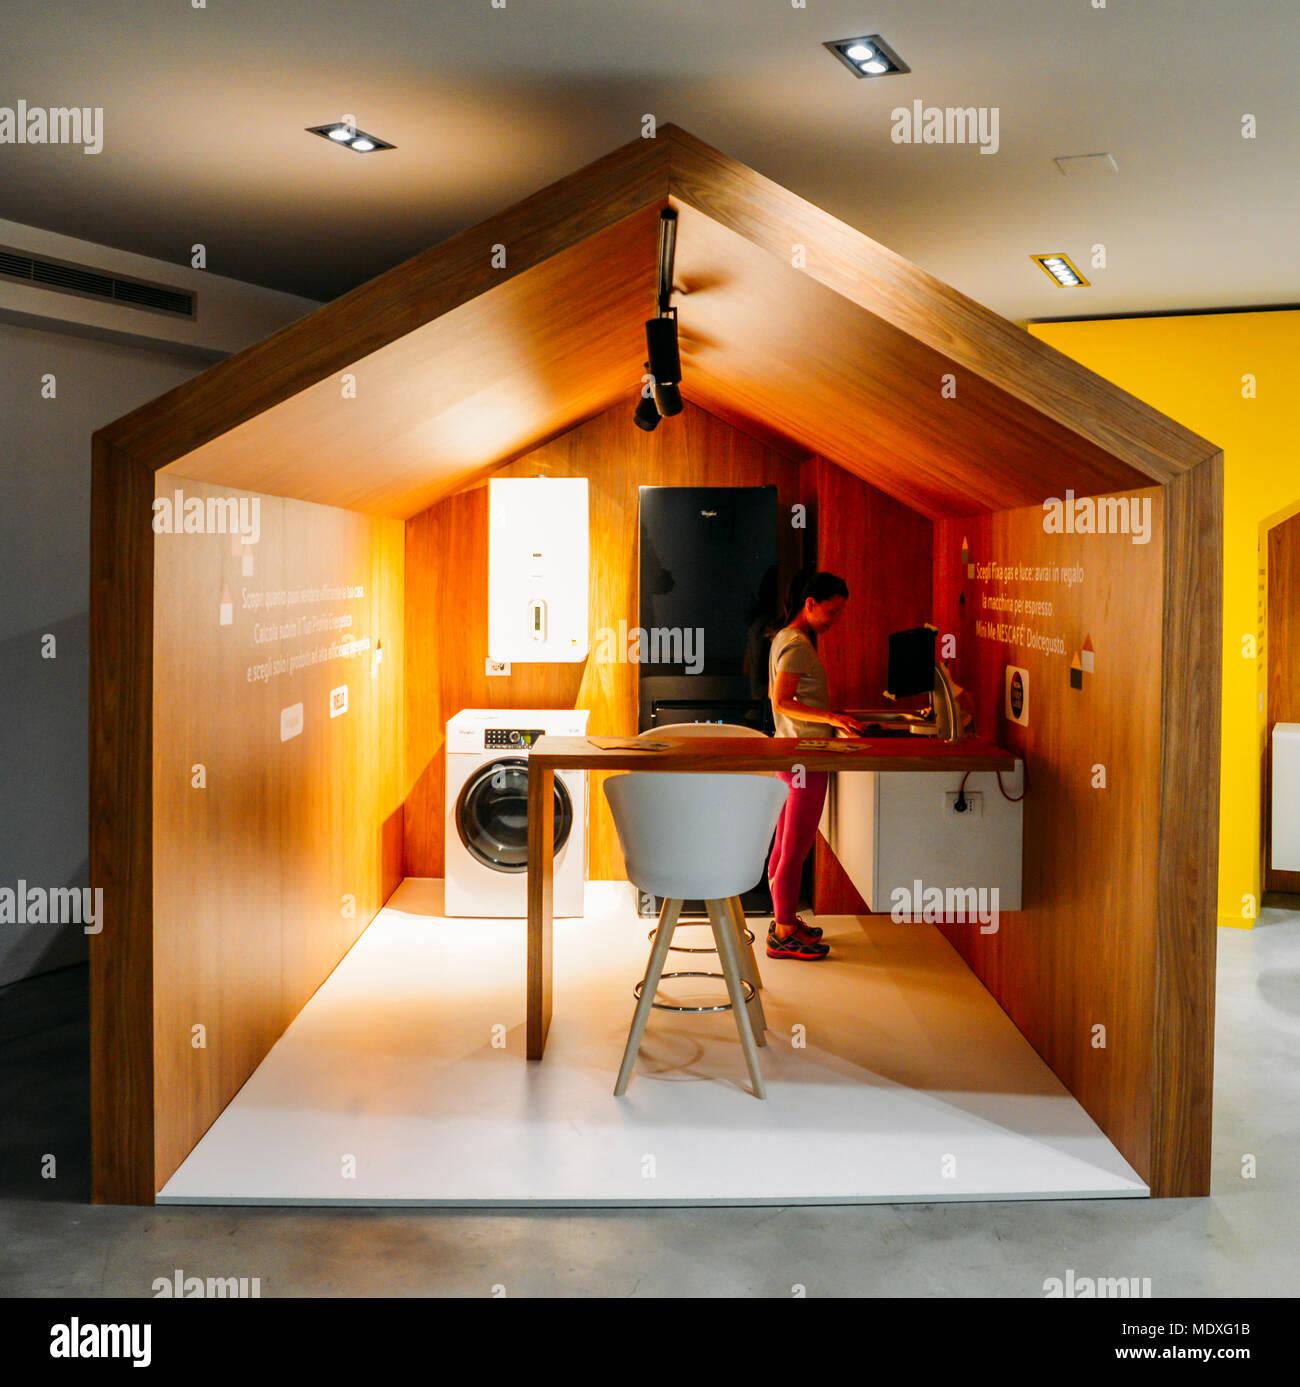 Fiera Del Mobile Colonia 2018 fiera del mobile e del design immagini & fiera del mobile e